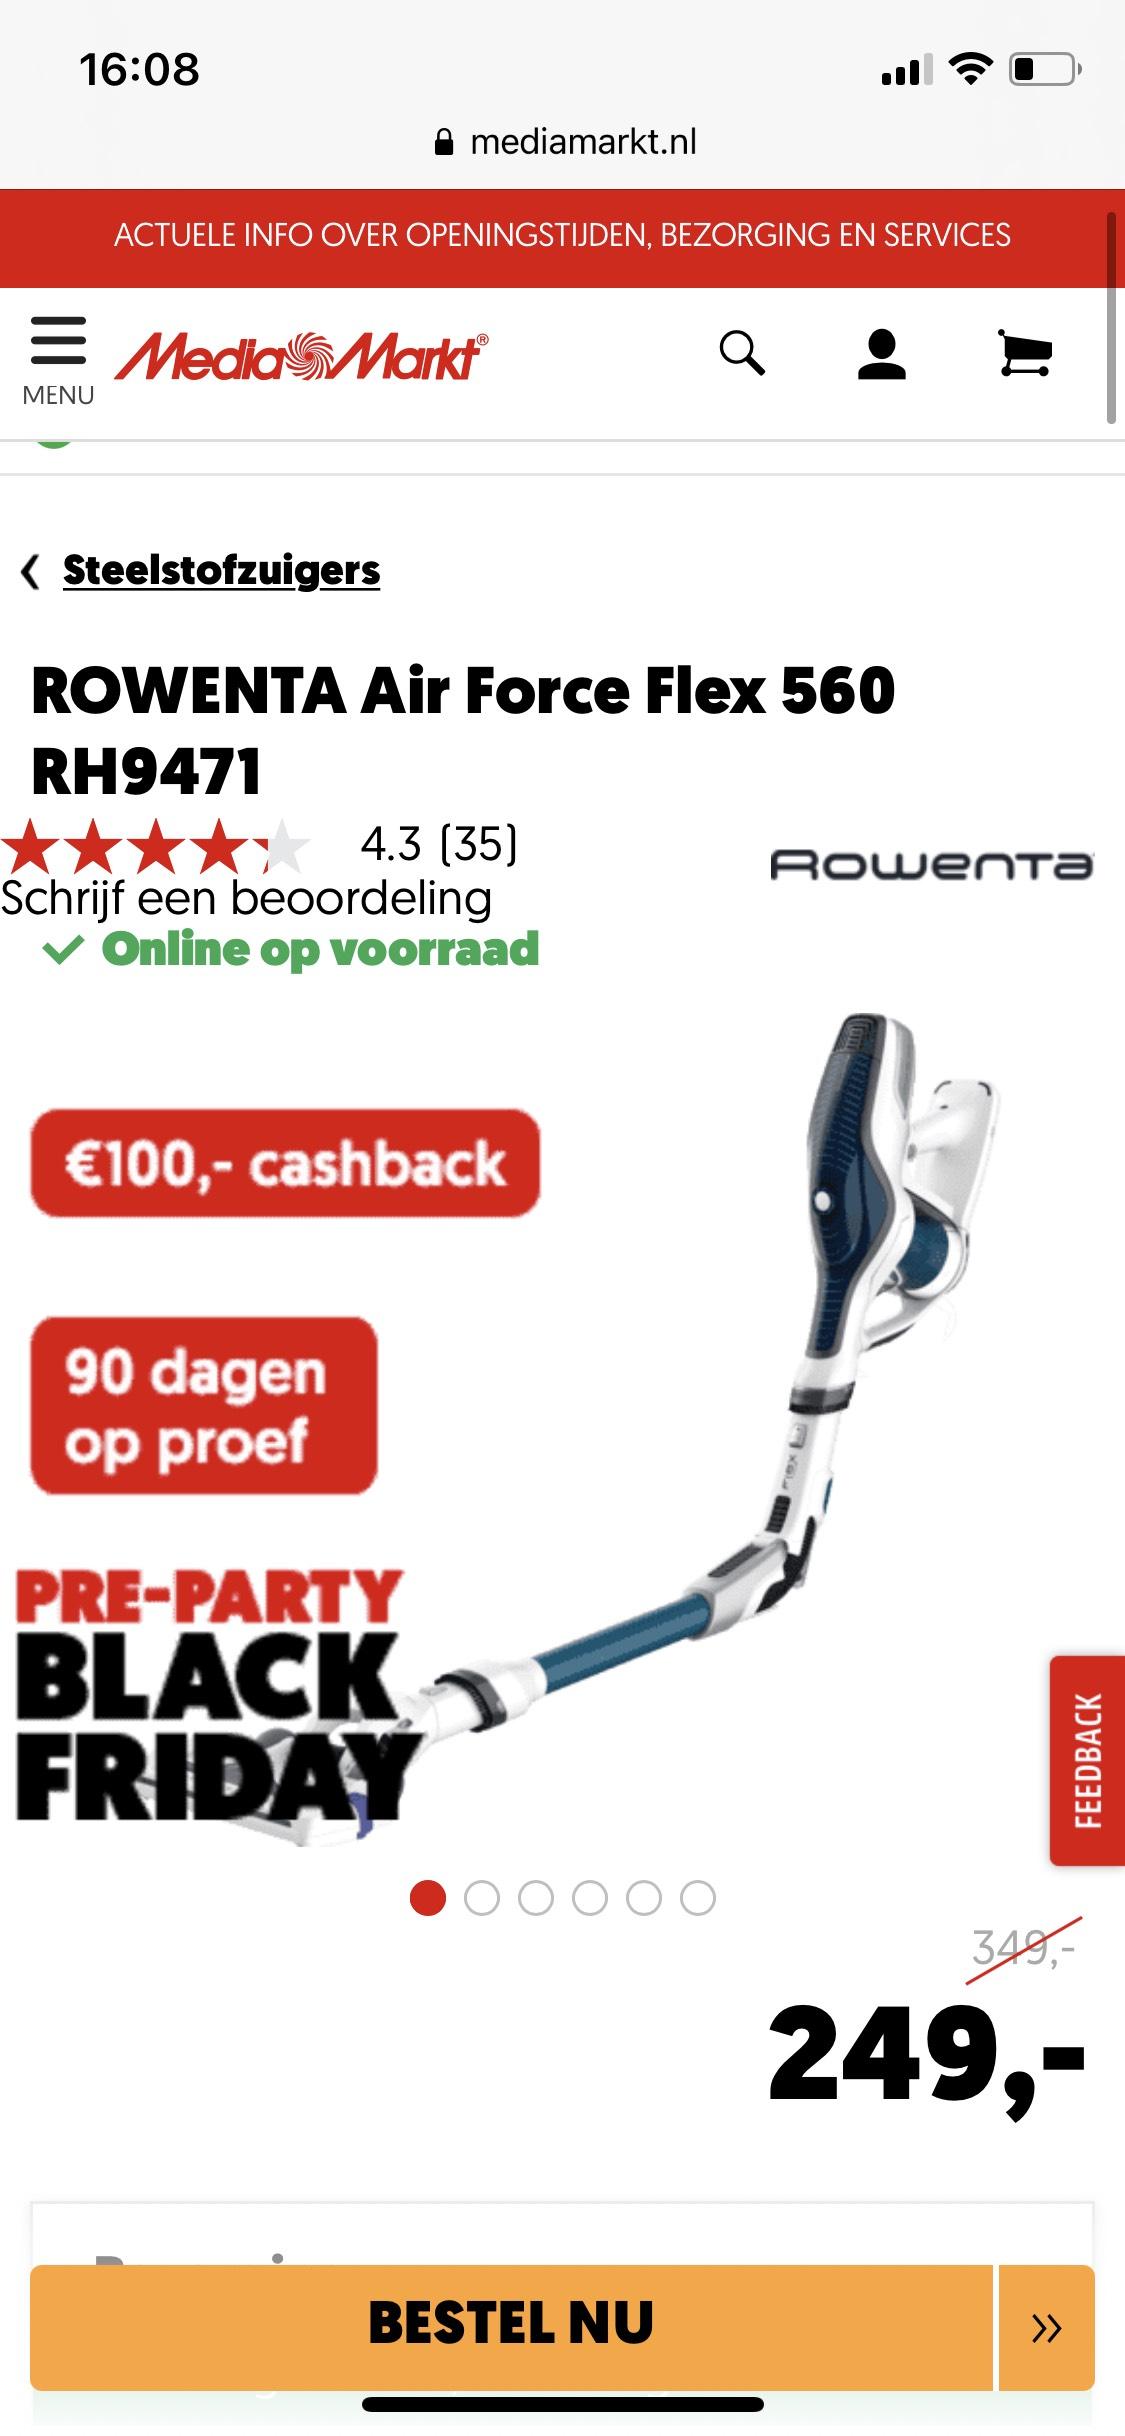 ROWENTA Air Force Flex 560 RH9471